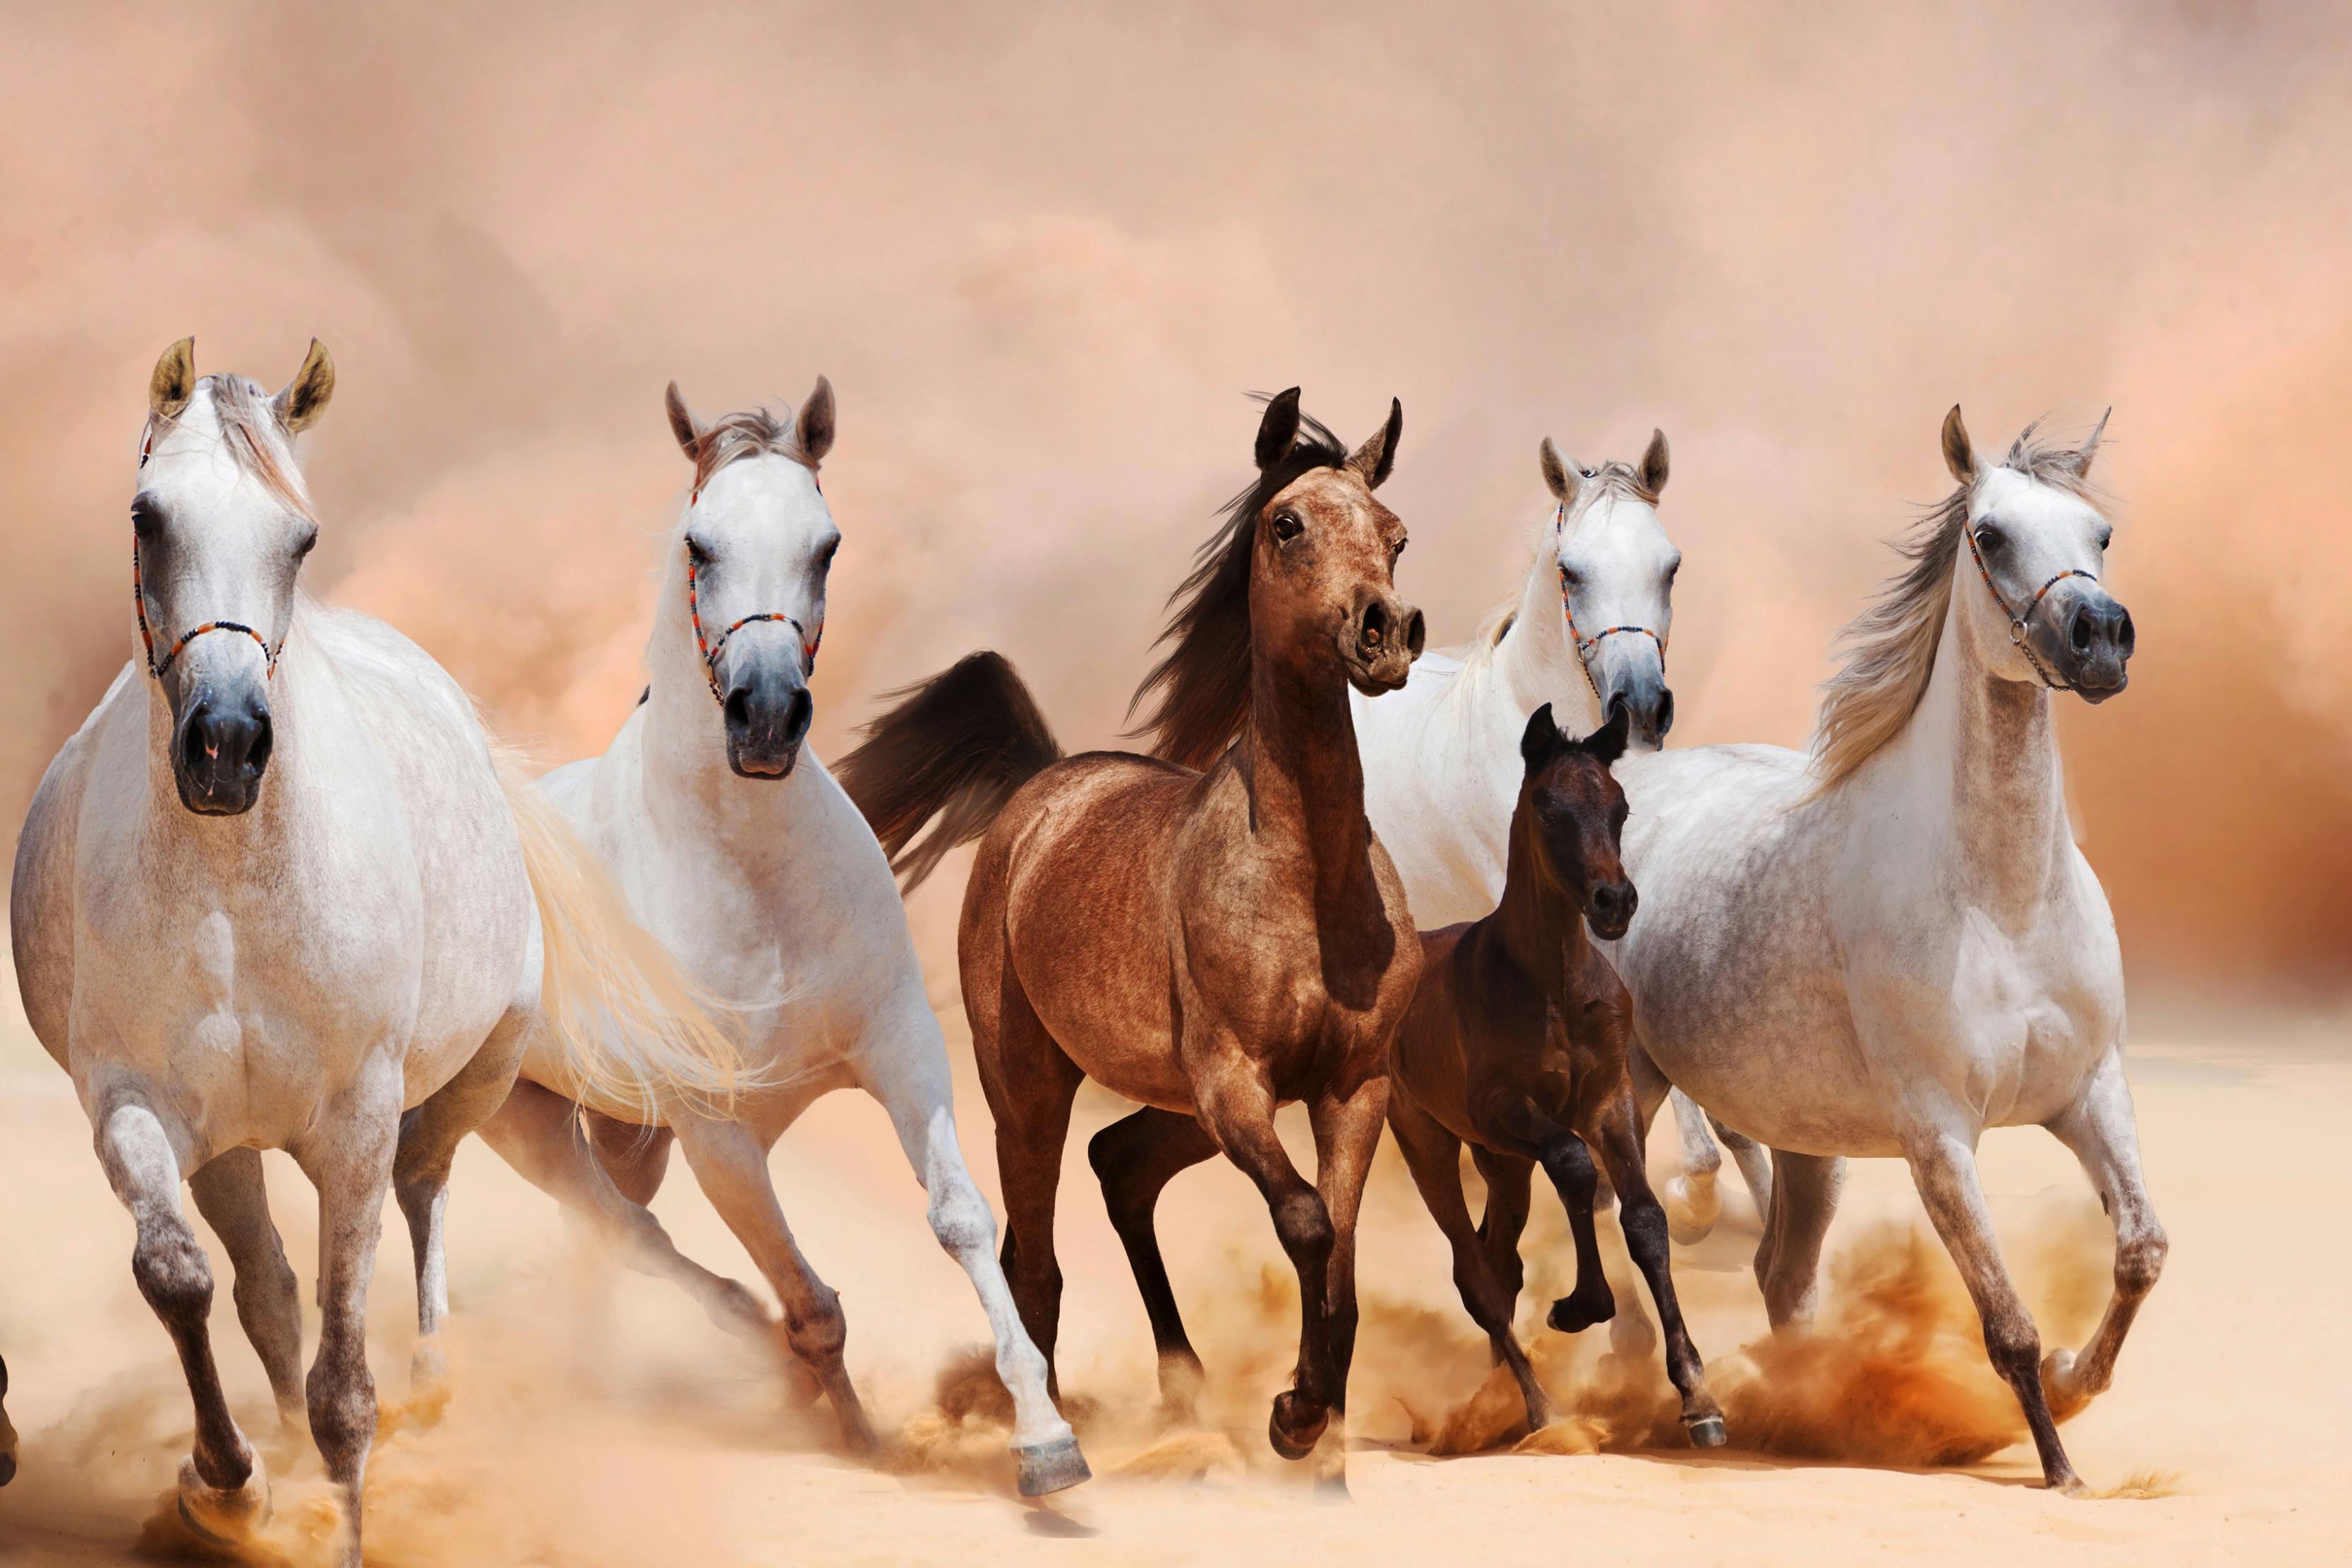 اجمل الصور للخيول العربية الاصيلة المرسال